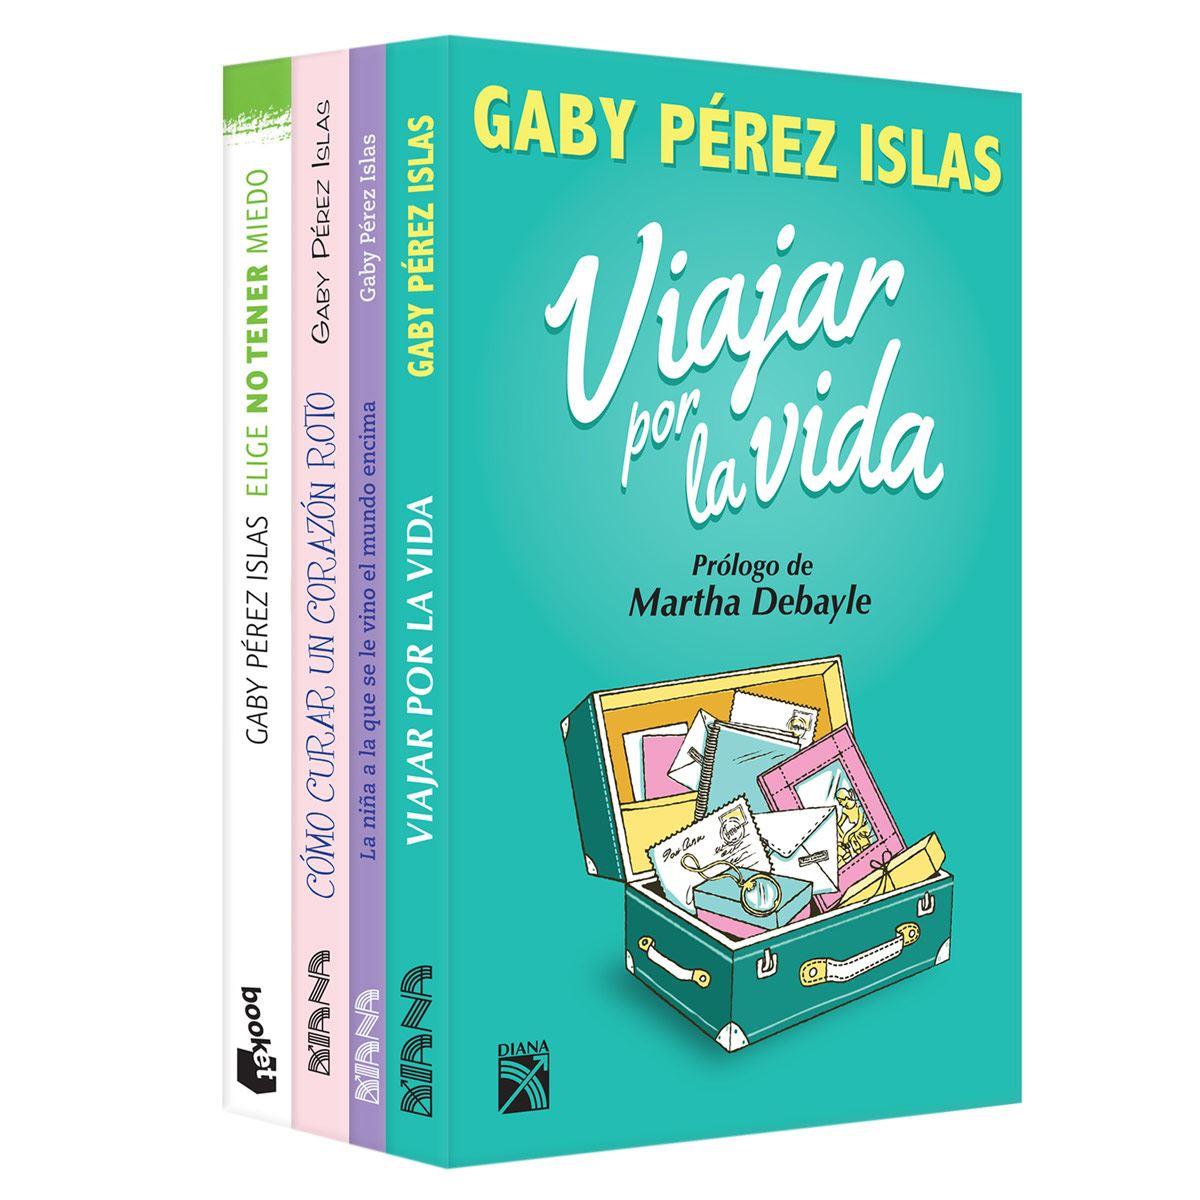 Paquete Gaby Pérez Islas